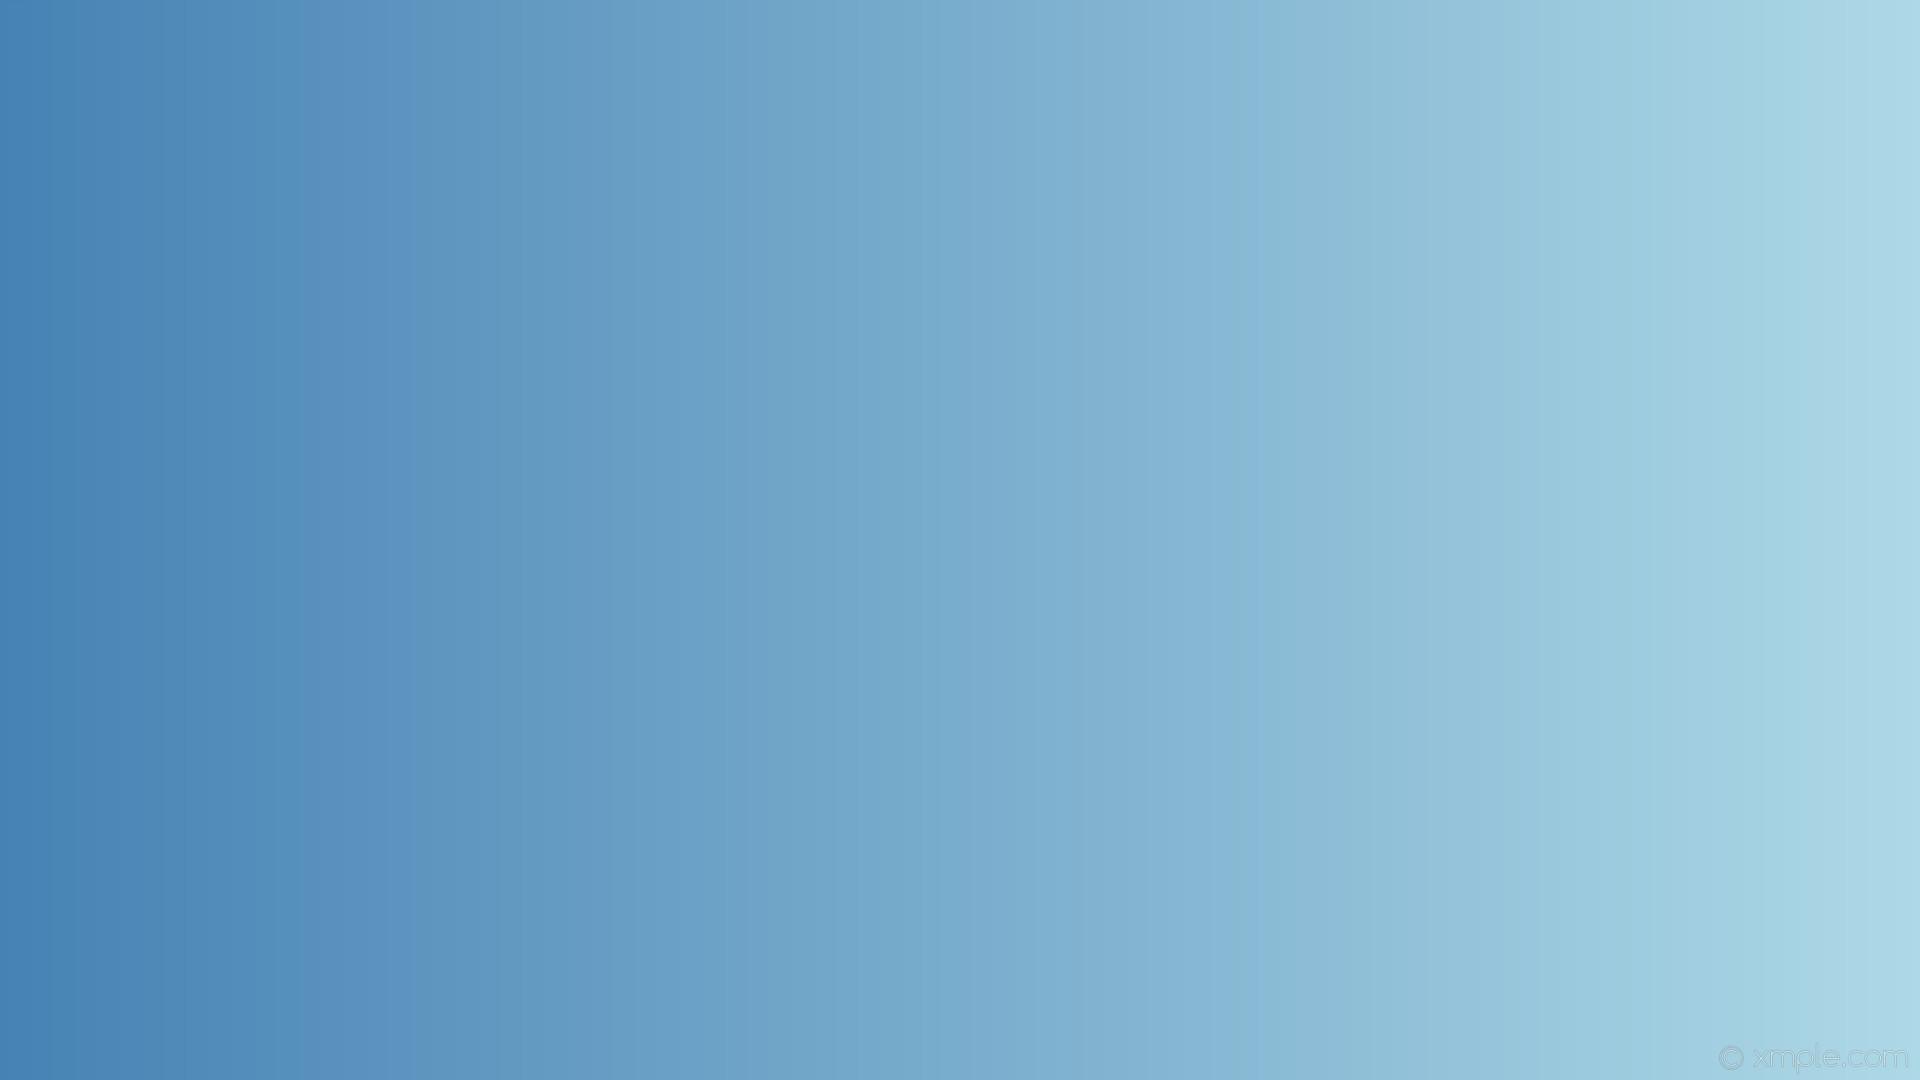 wallpaper blue gradient linear steel blue light blue #4682b4 #add8e6 180°